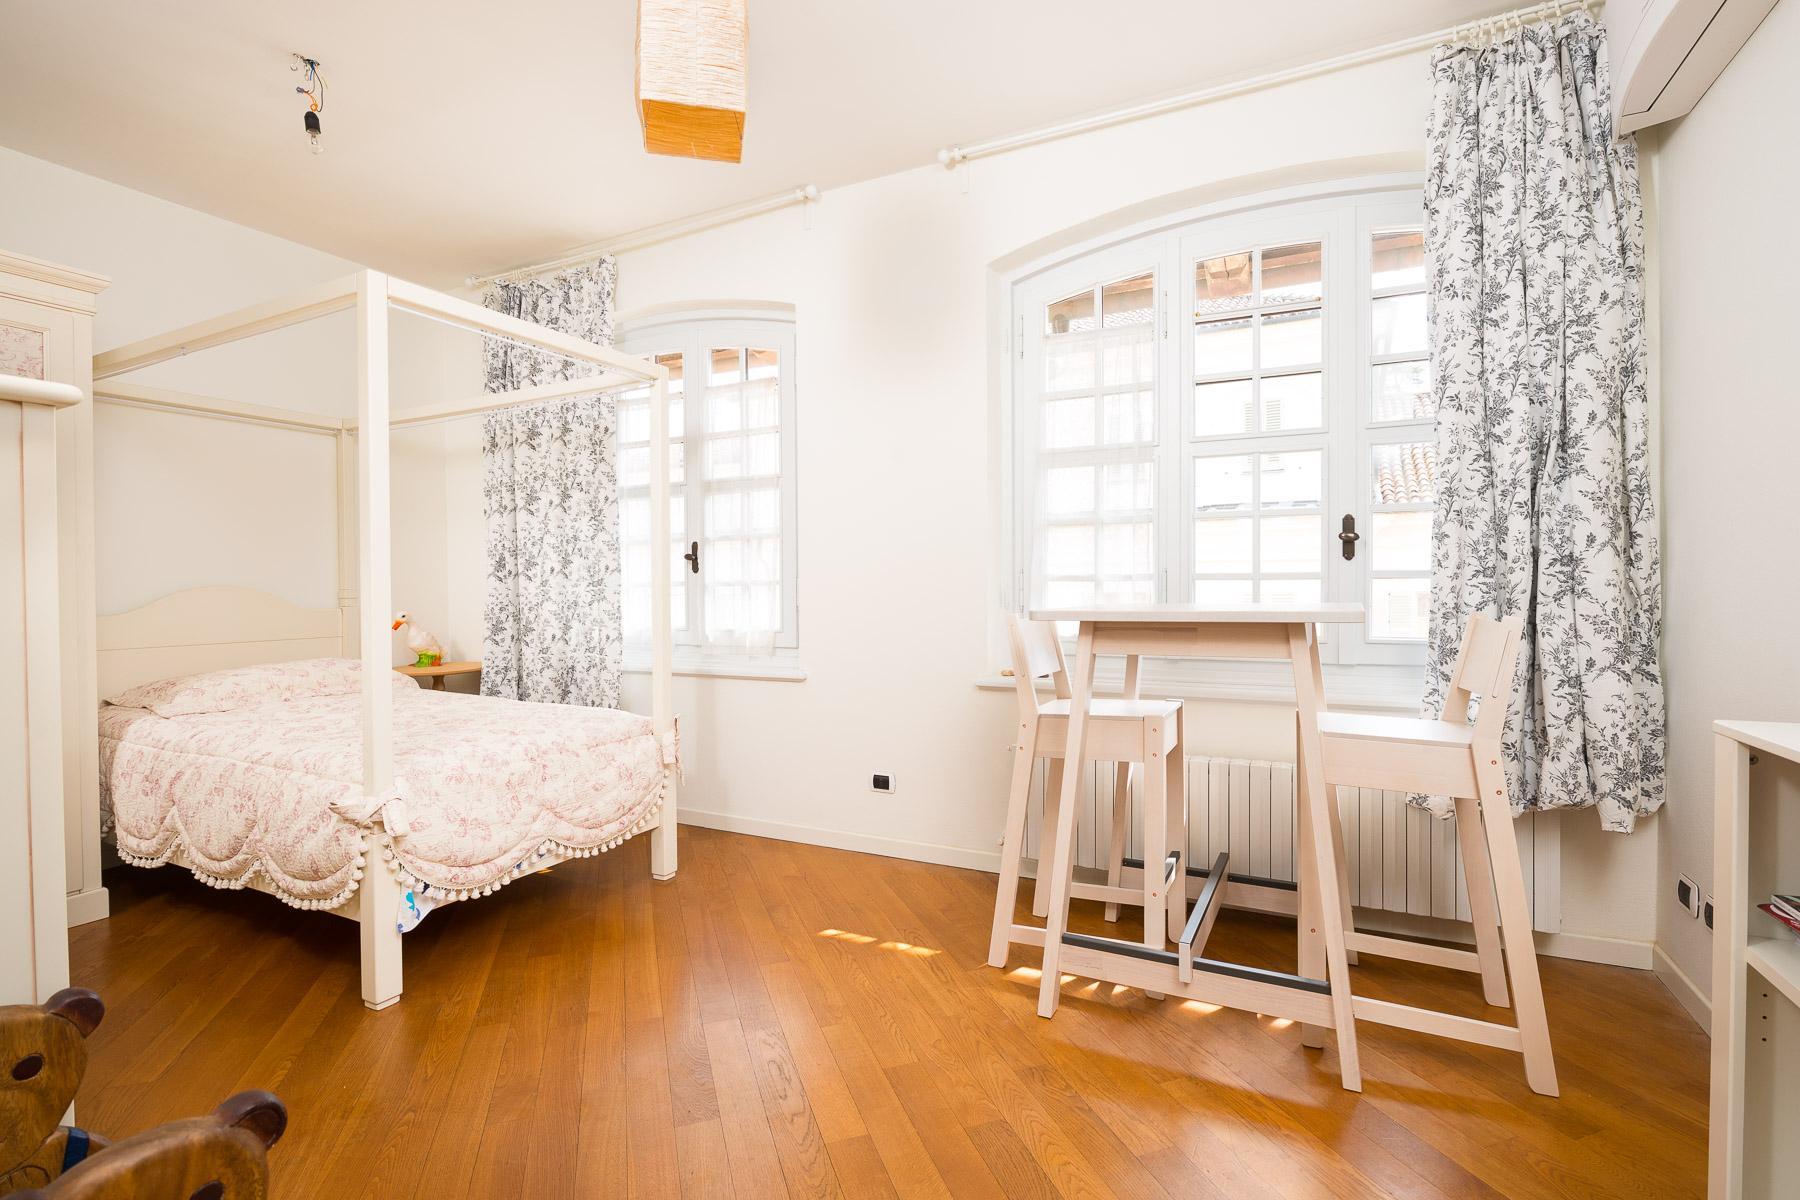 位于d'epoca a Chieri小镇历史悠久别墅内的奢华公寓 - 12